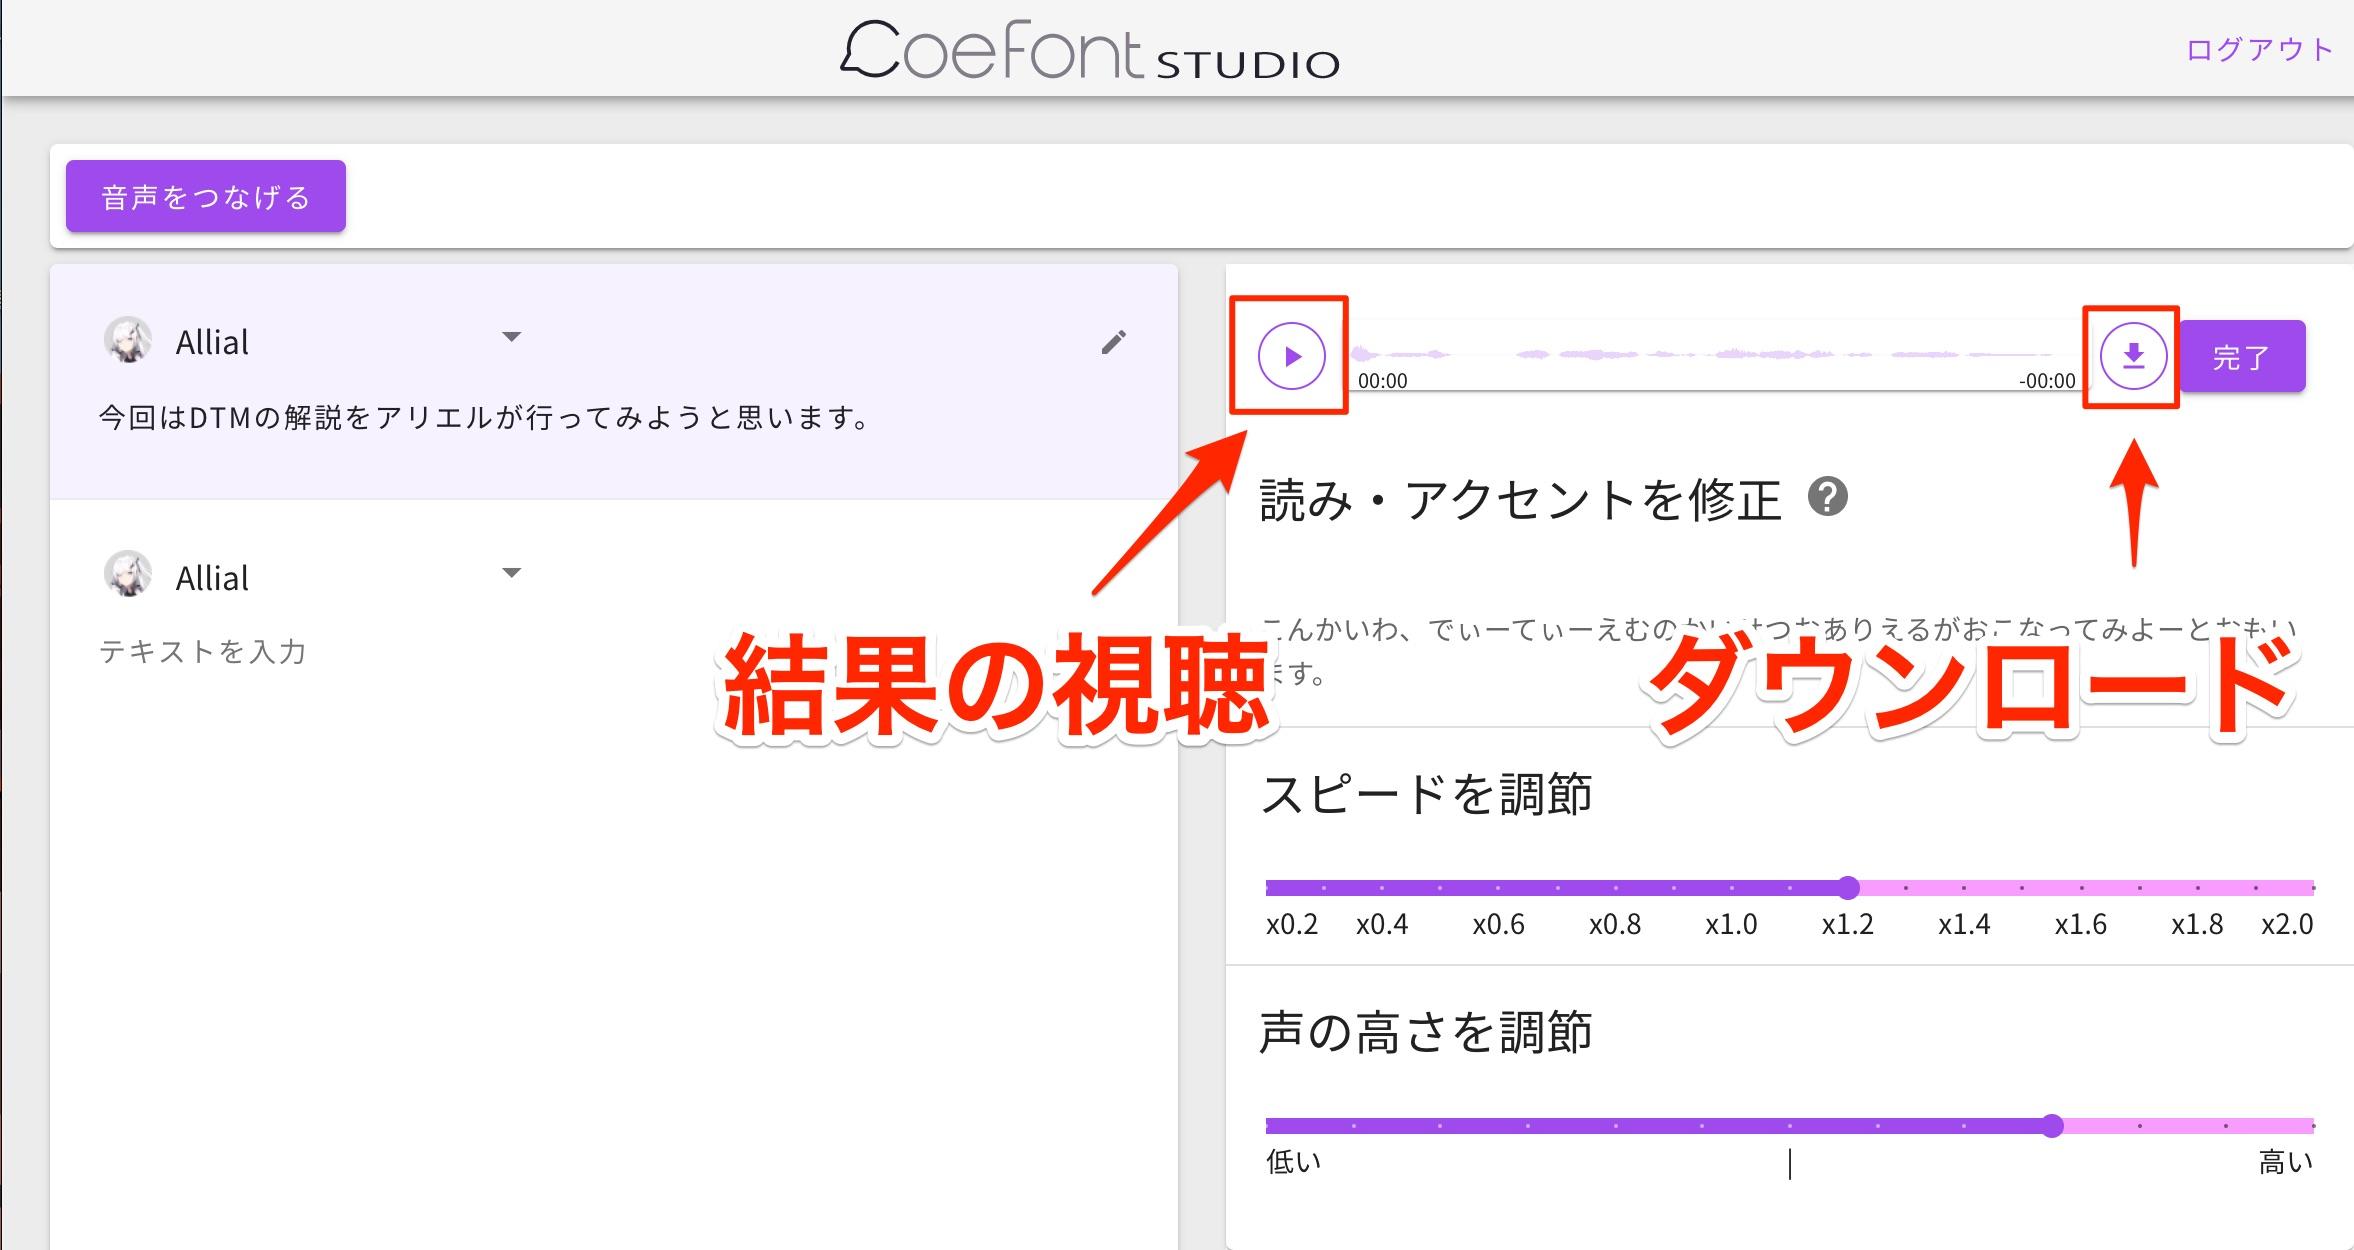 CoeFont_STUDIO